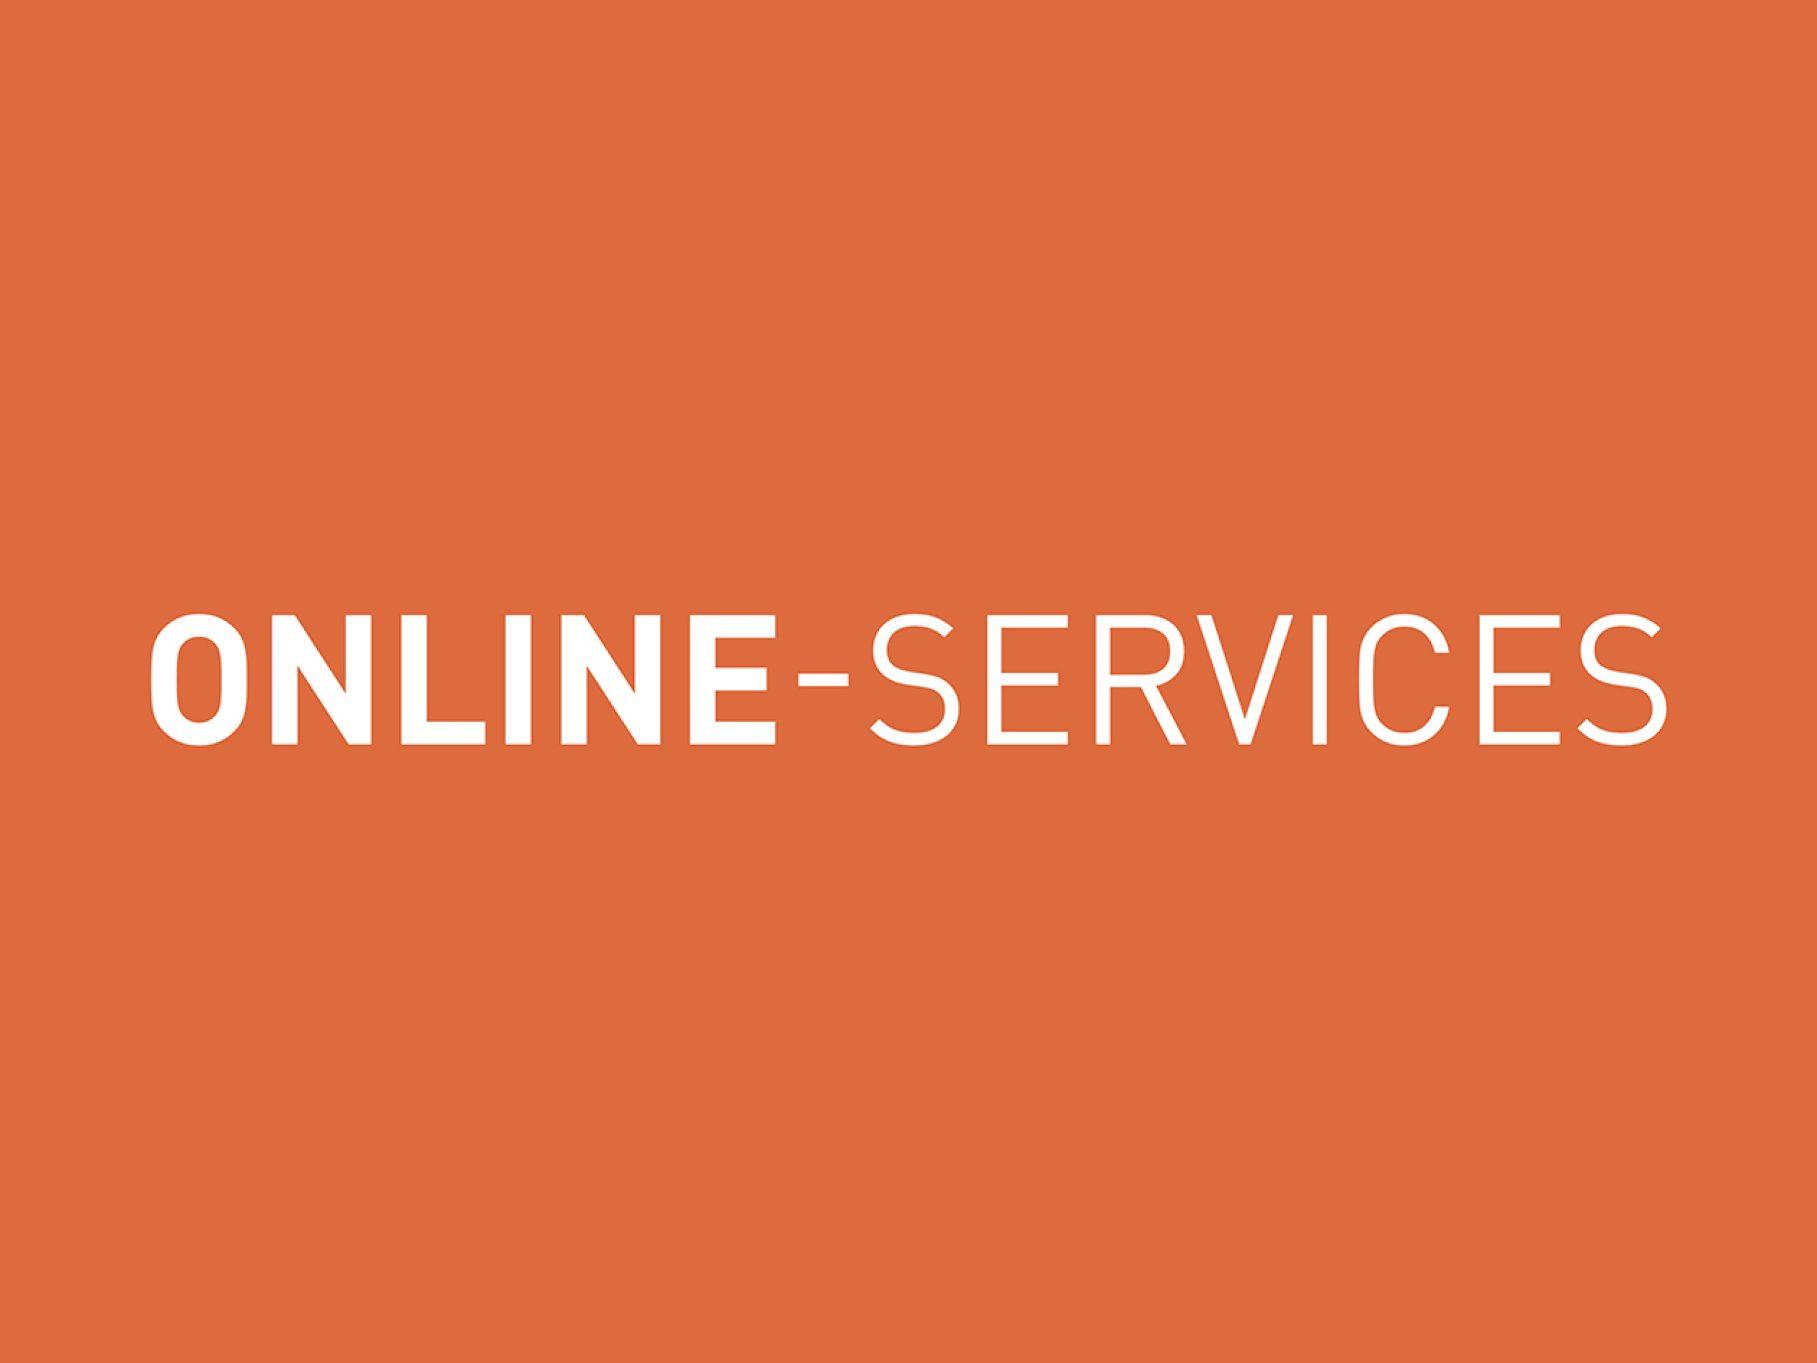 Online Services Von Aldi Nord Praktische Dienste Fur Kunden